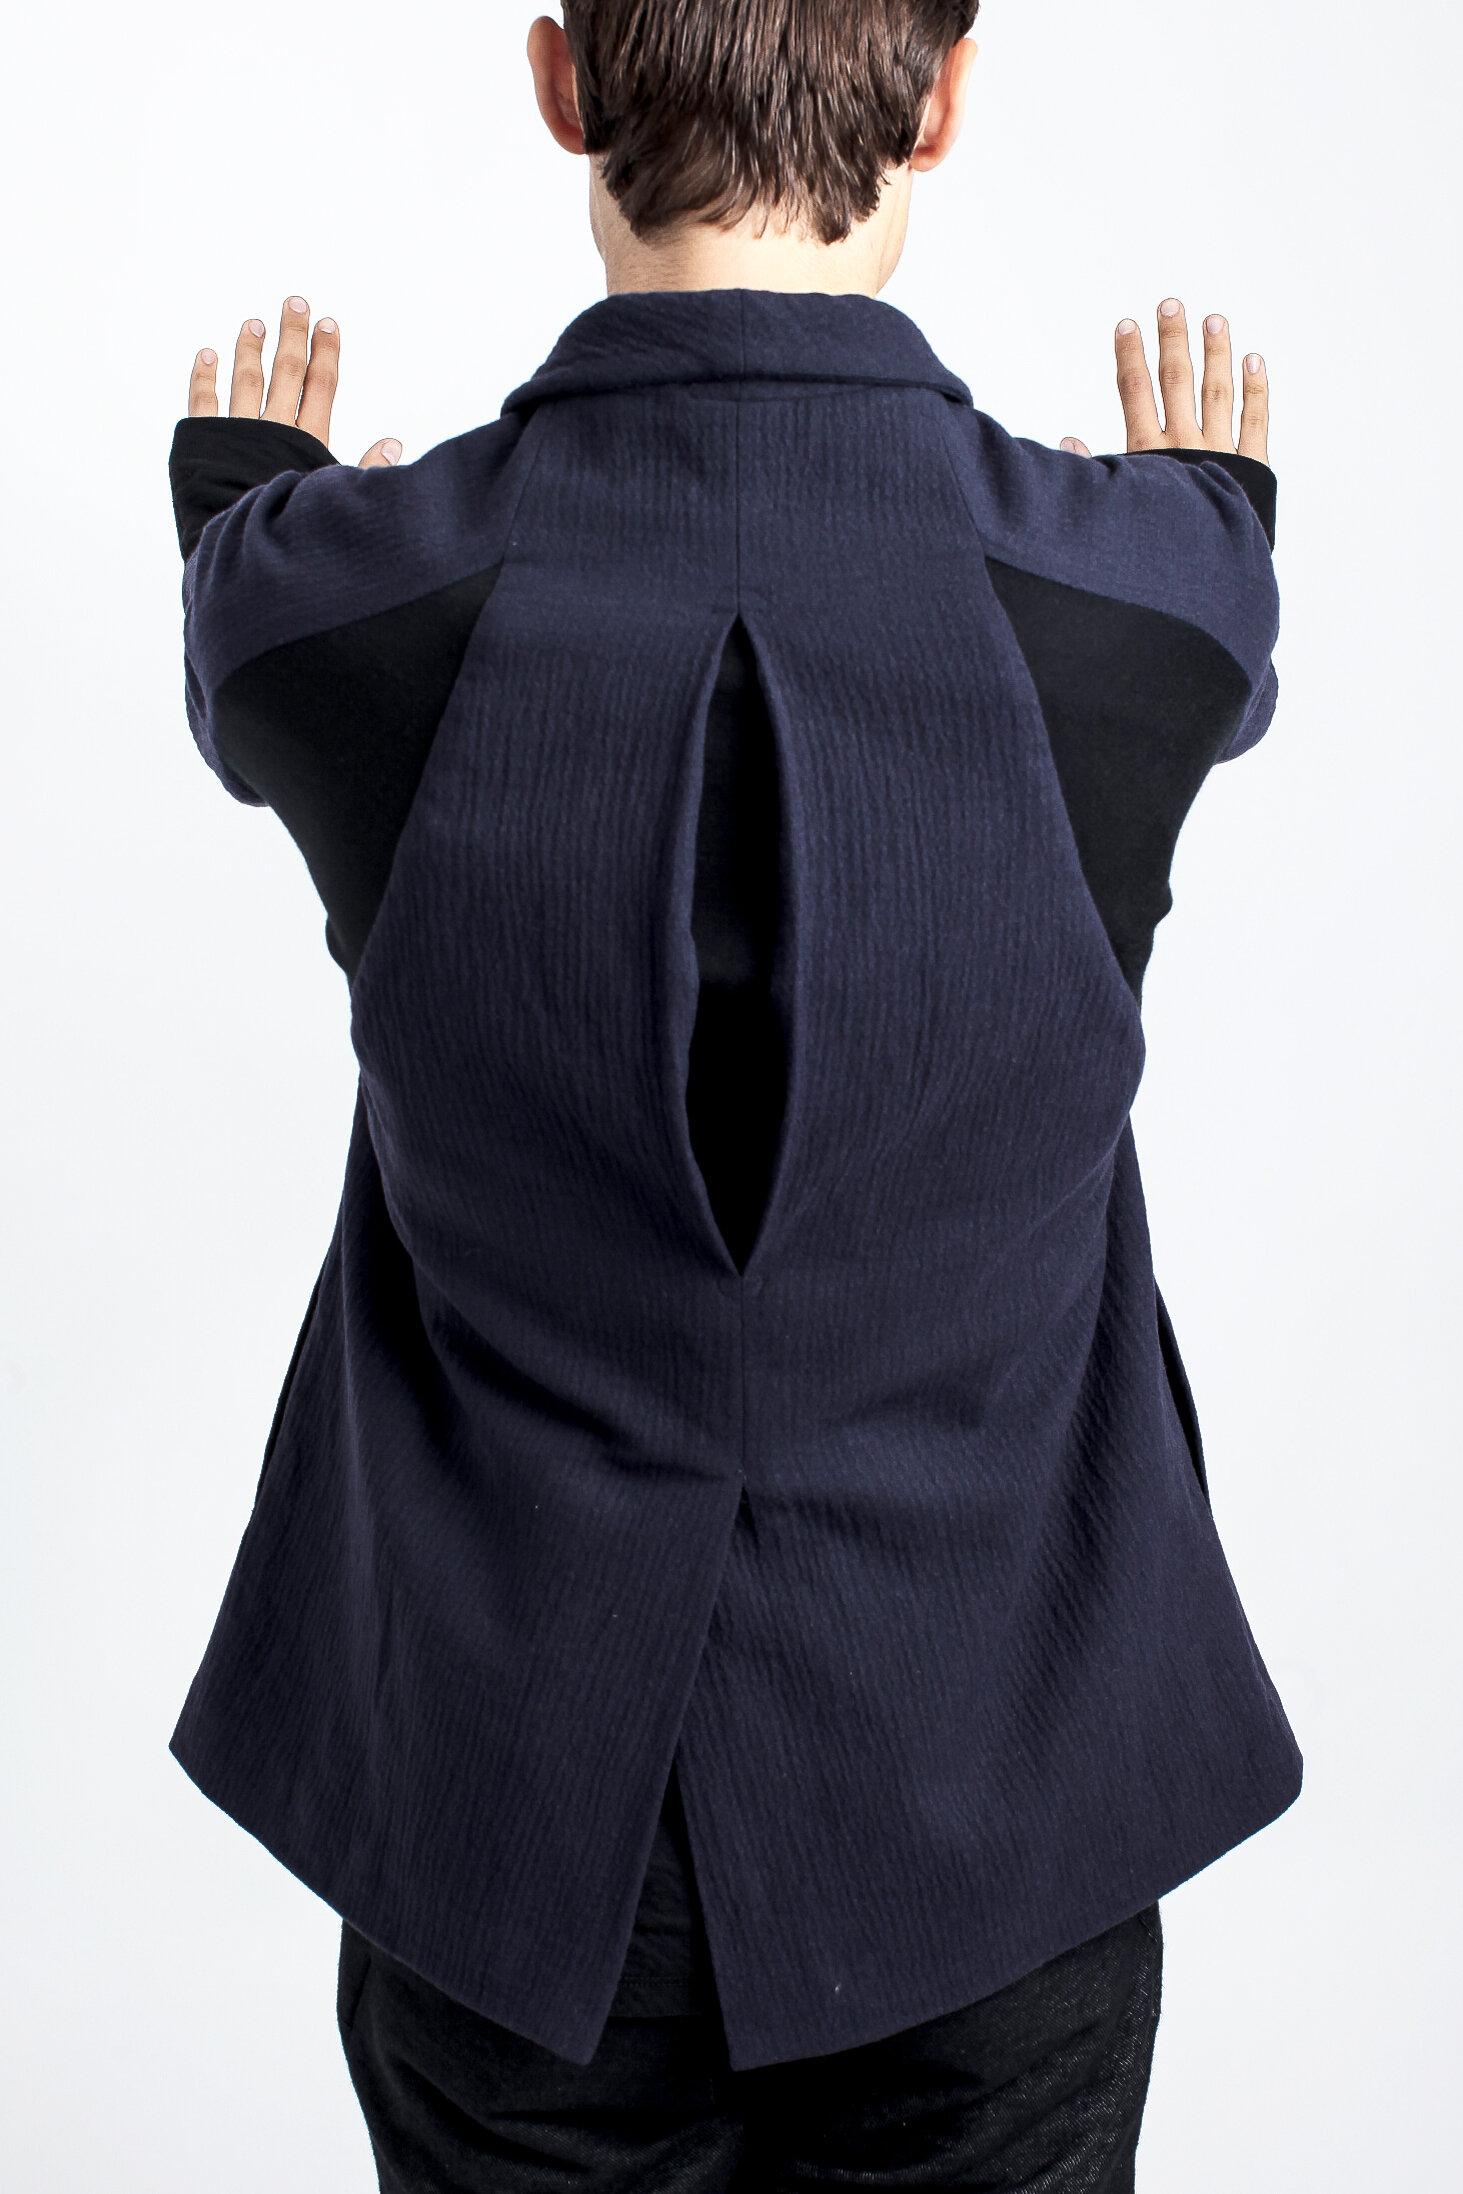 ARC Jacket 1 , flexible panels, 2013